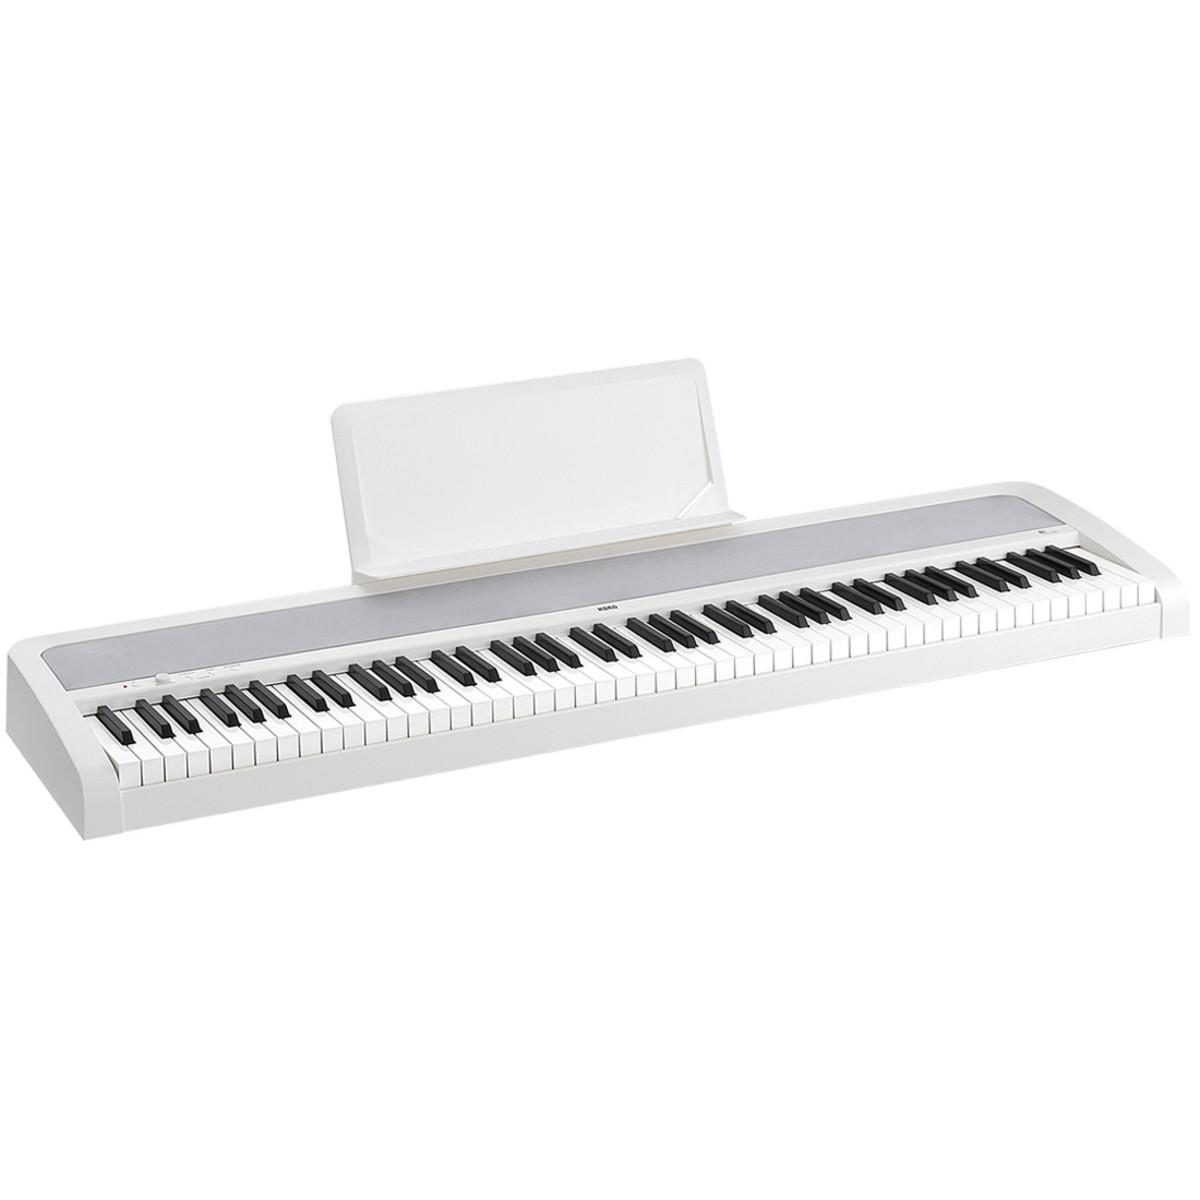 Image of Korg B1 Digital Piano White